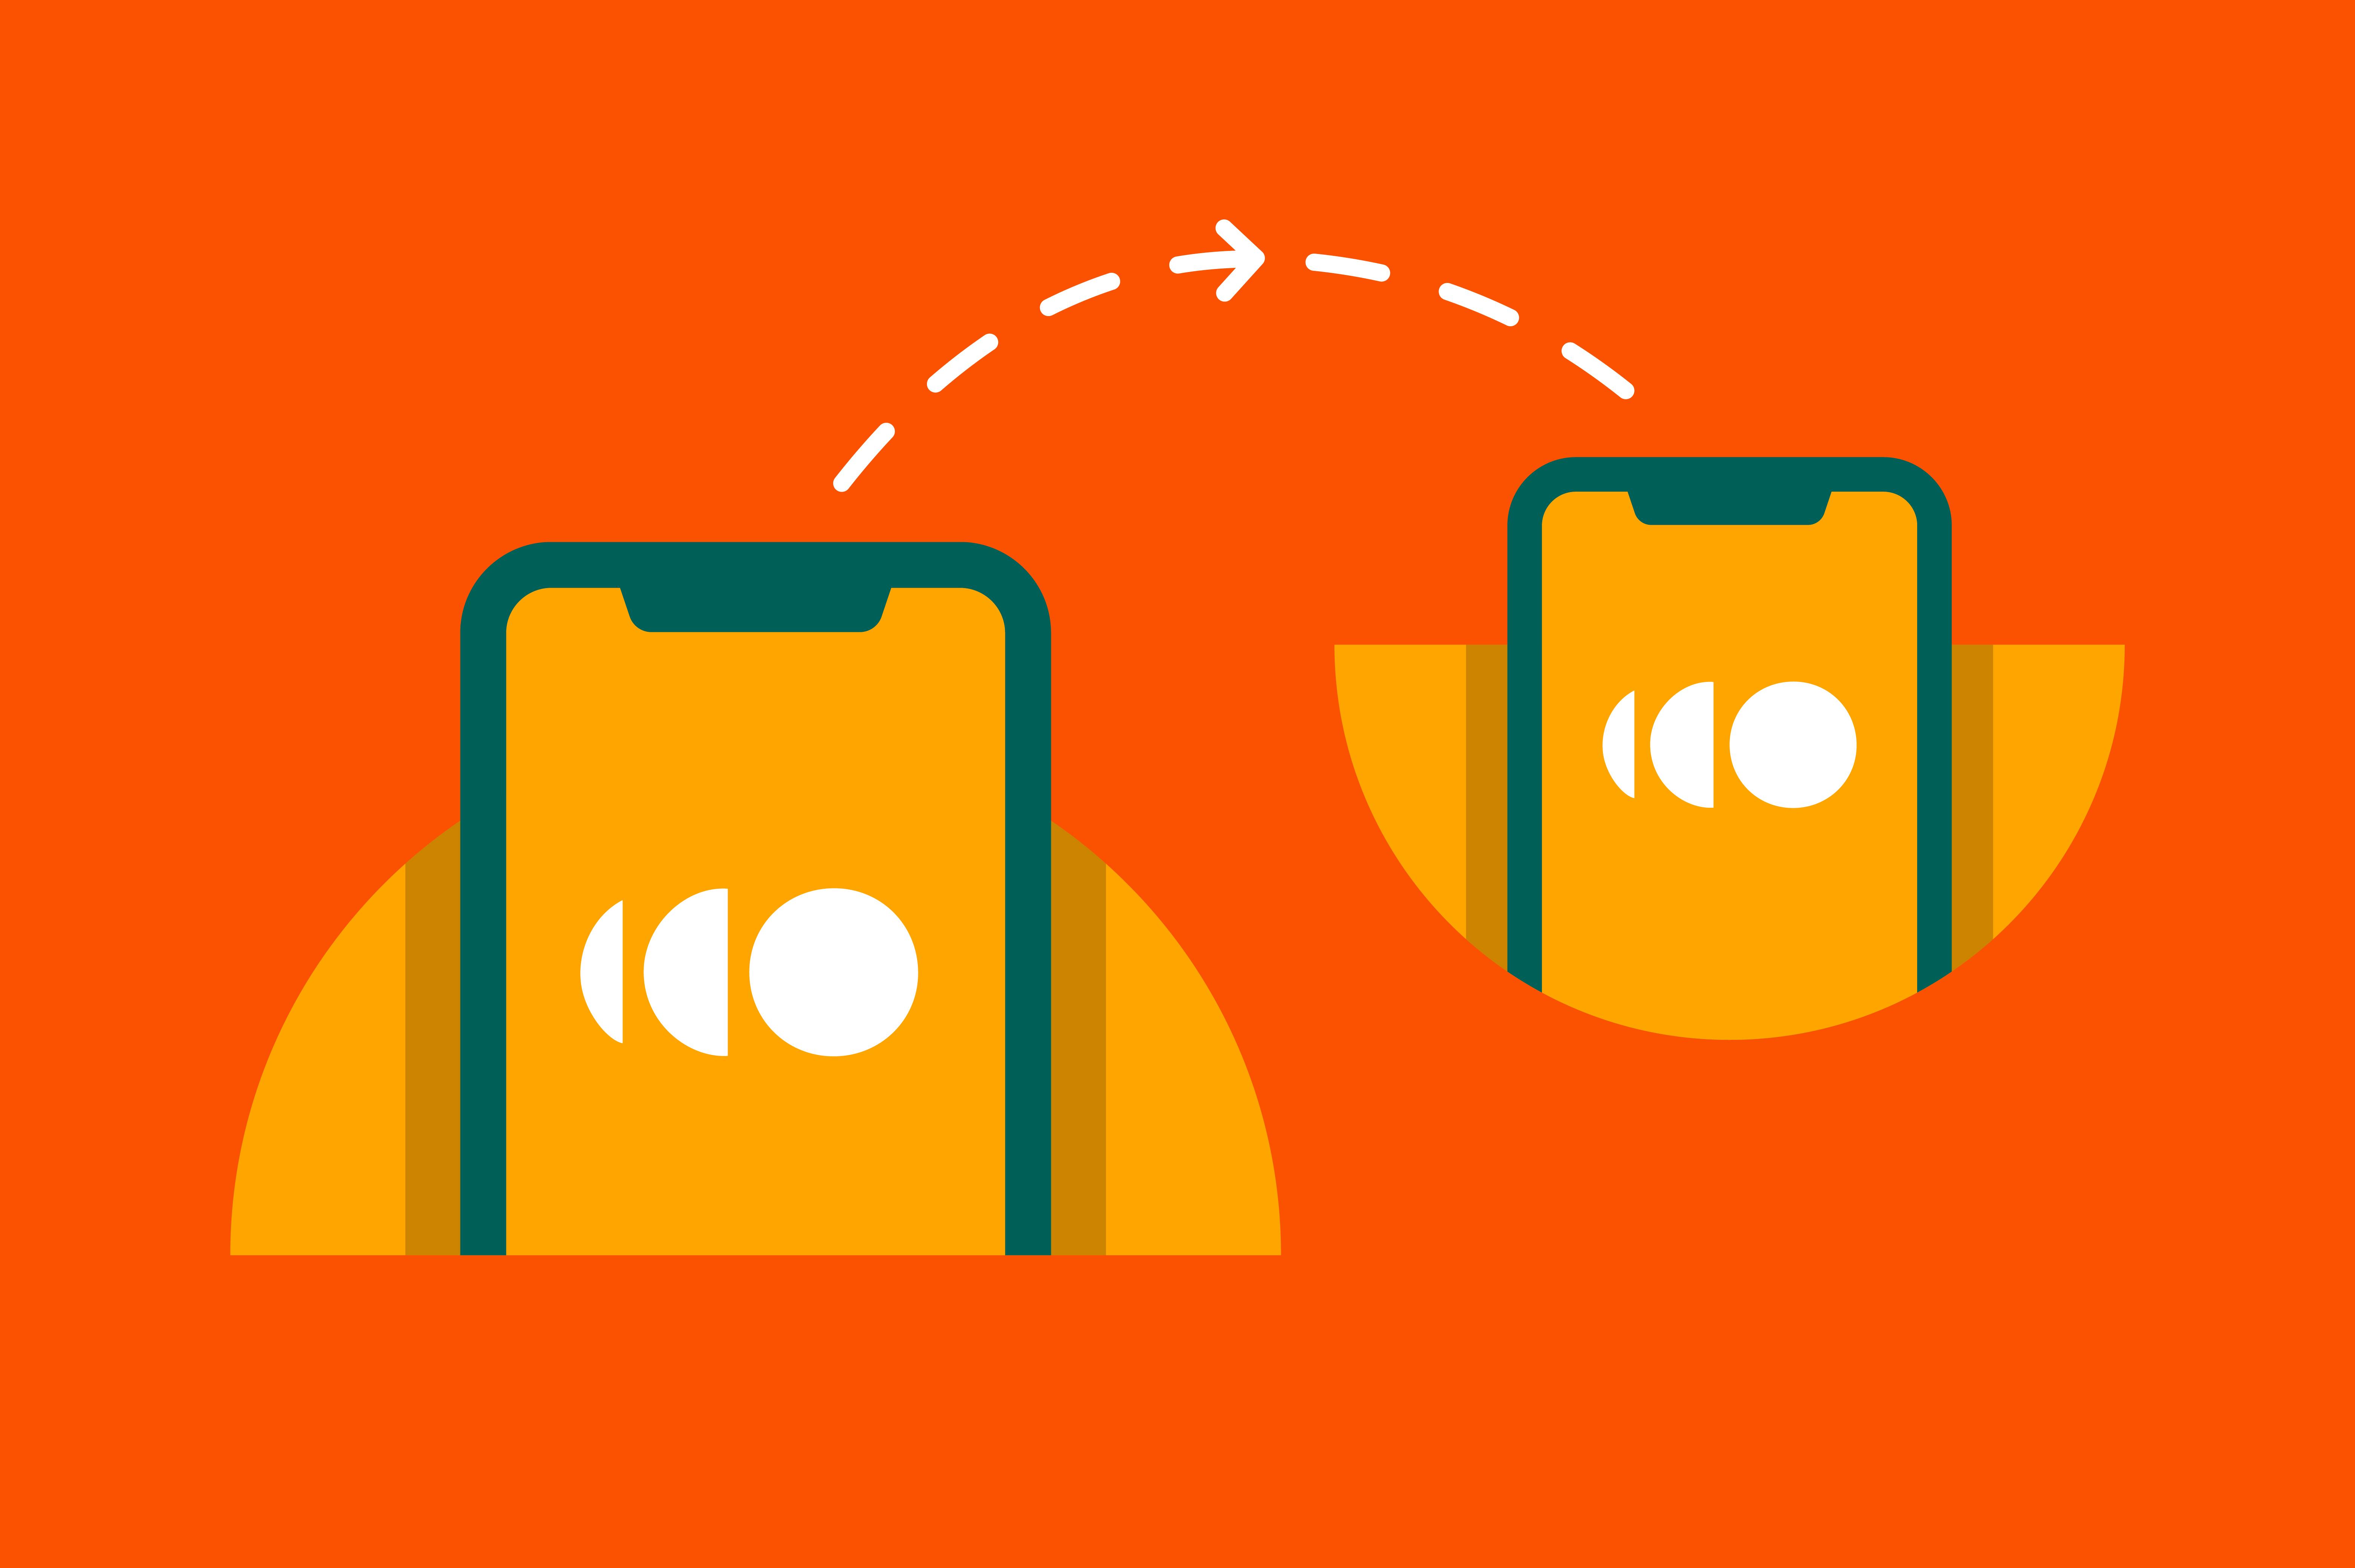 Fremdes Handy aufladen: eine Schritt-für-Schritt-Anleitung